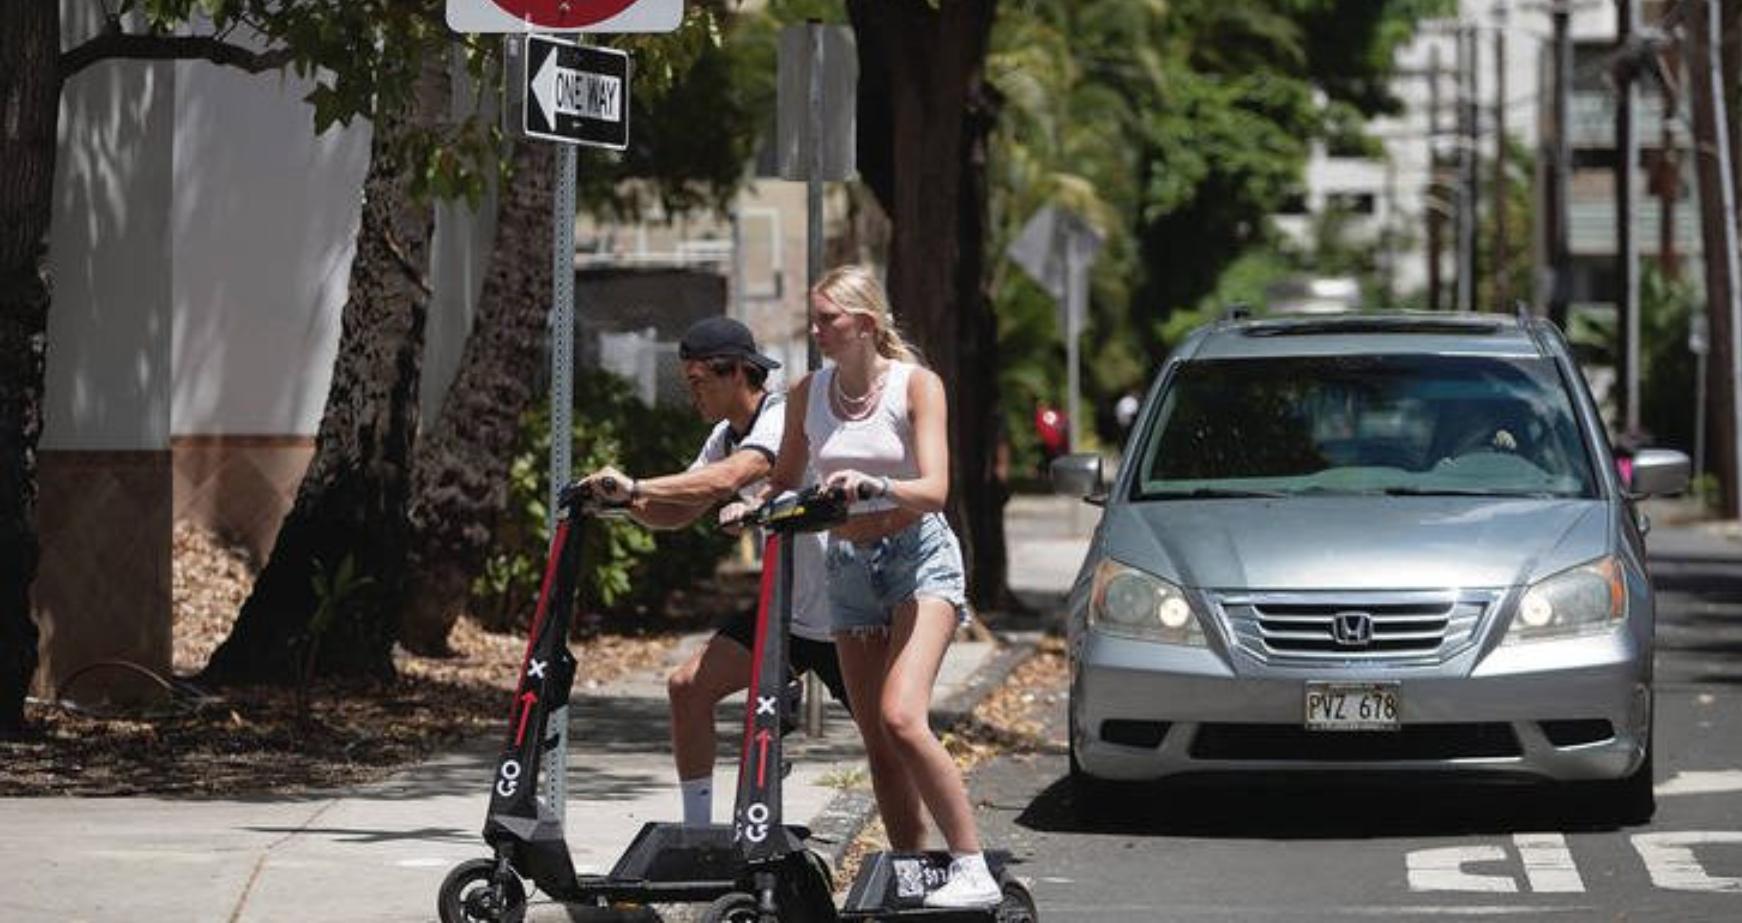 夏威夷立法,對電動滑板車進行了收費